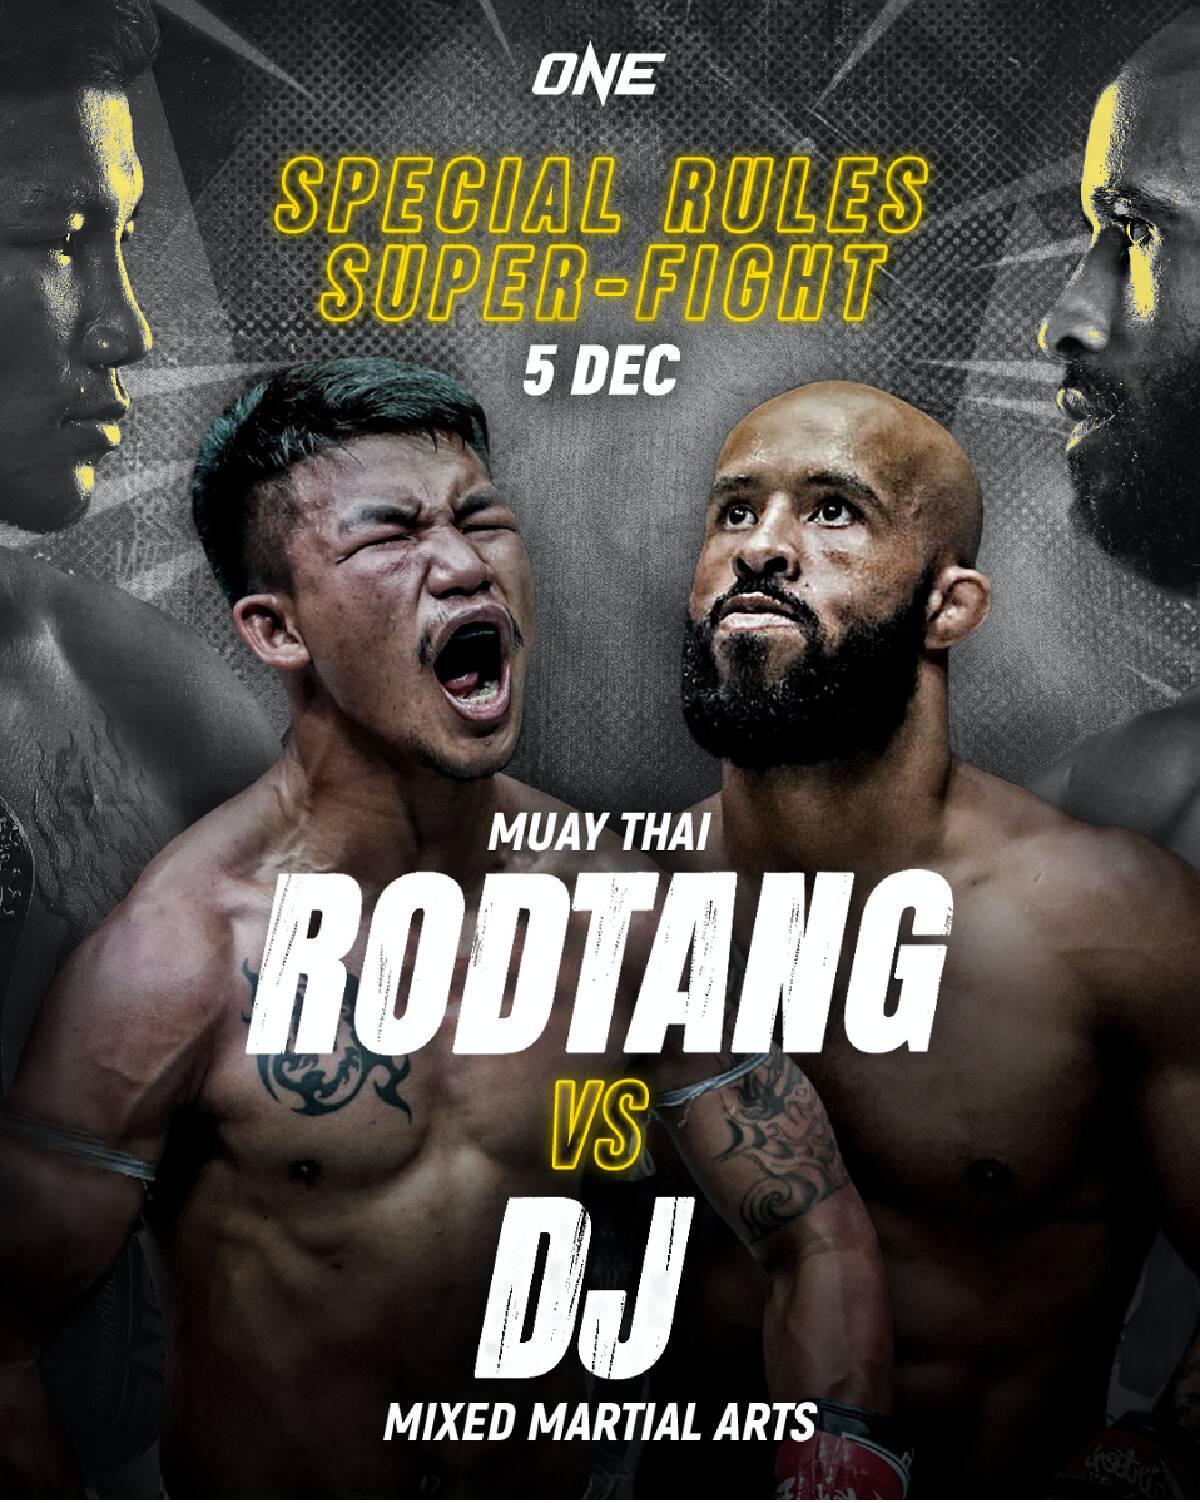 Rodtang vs DJ